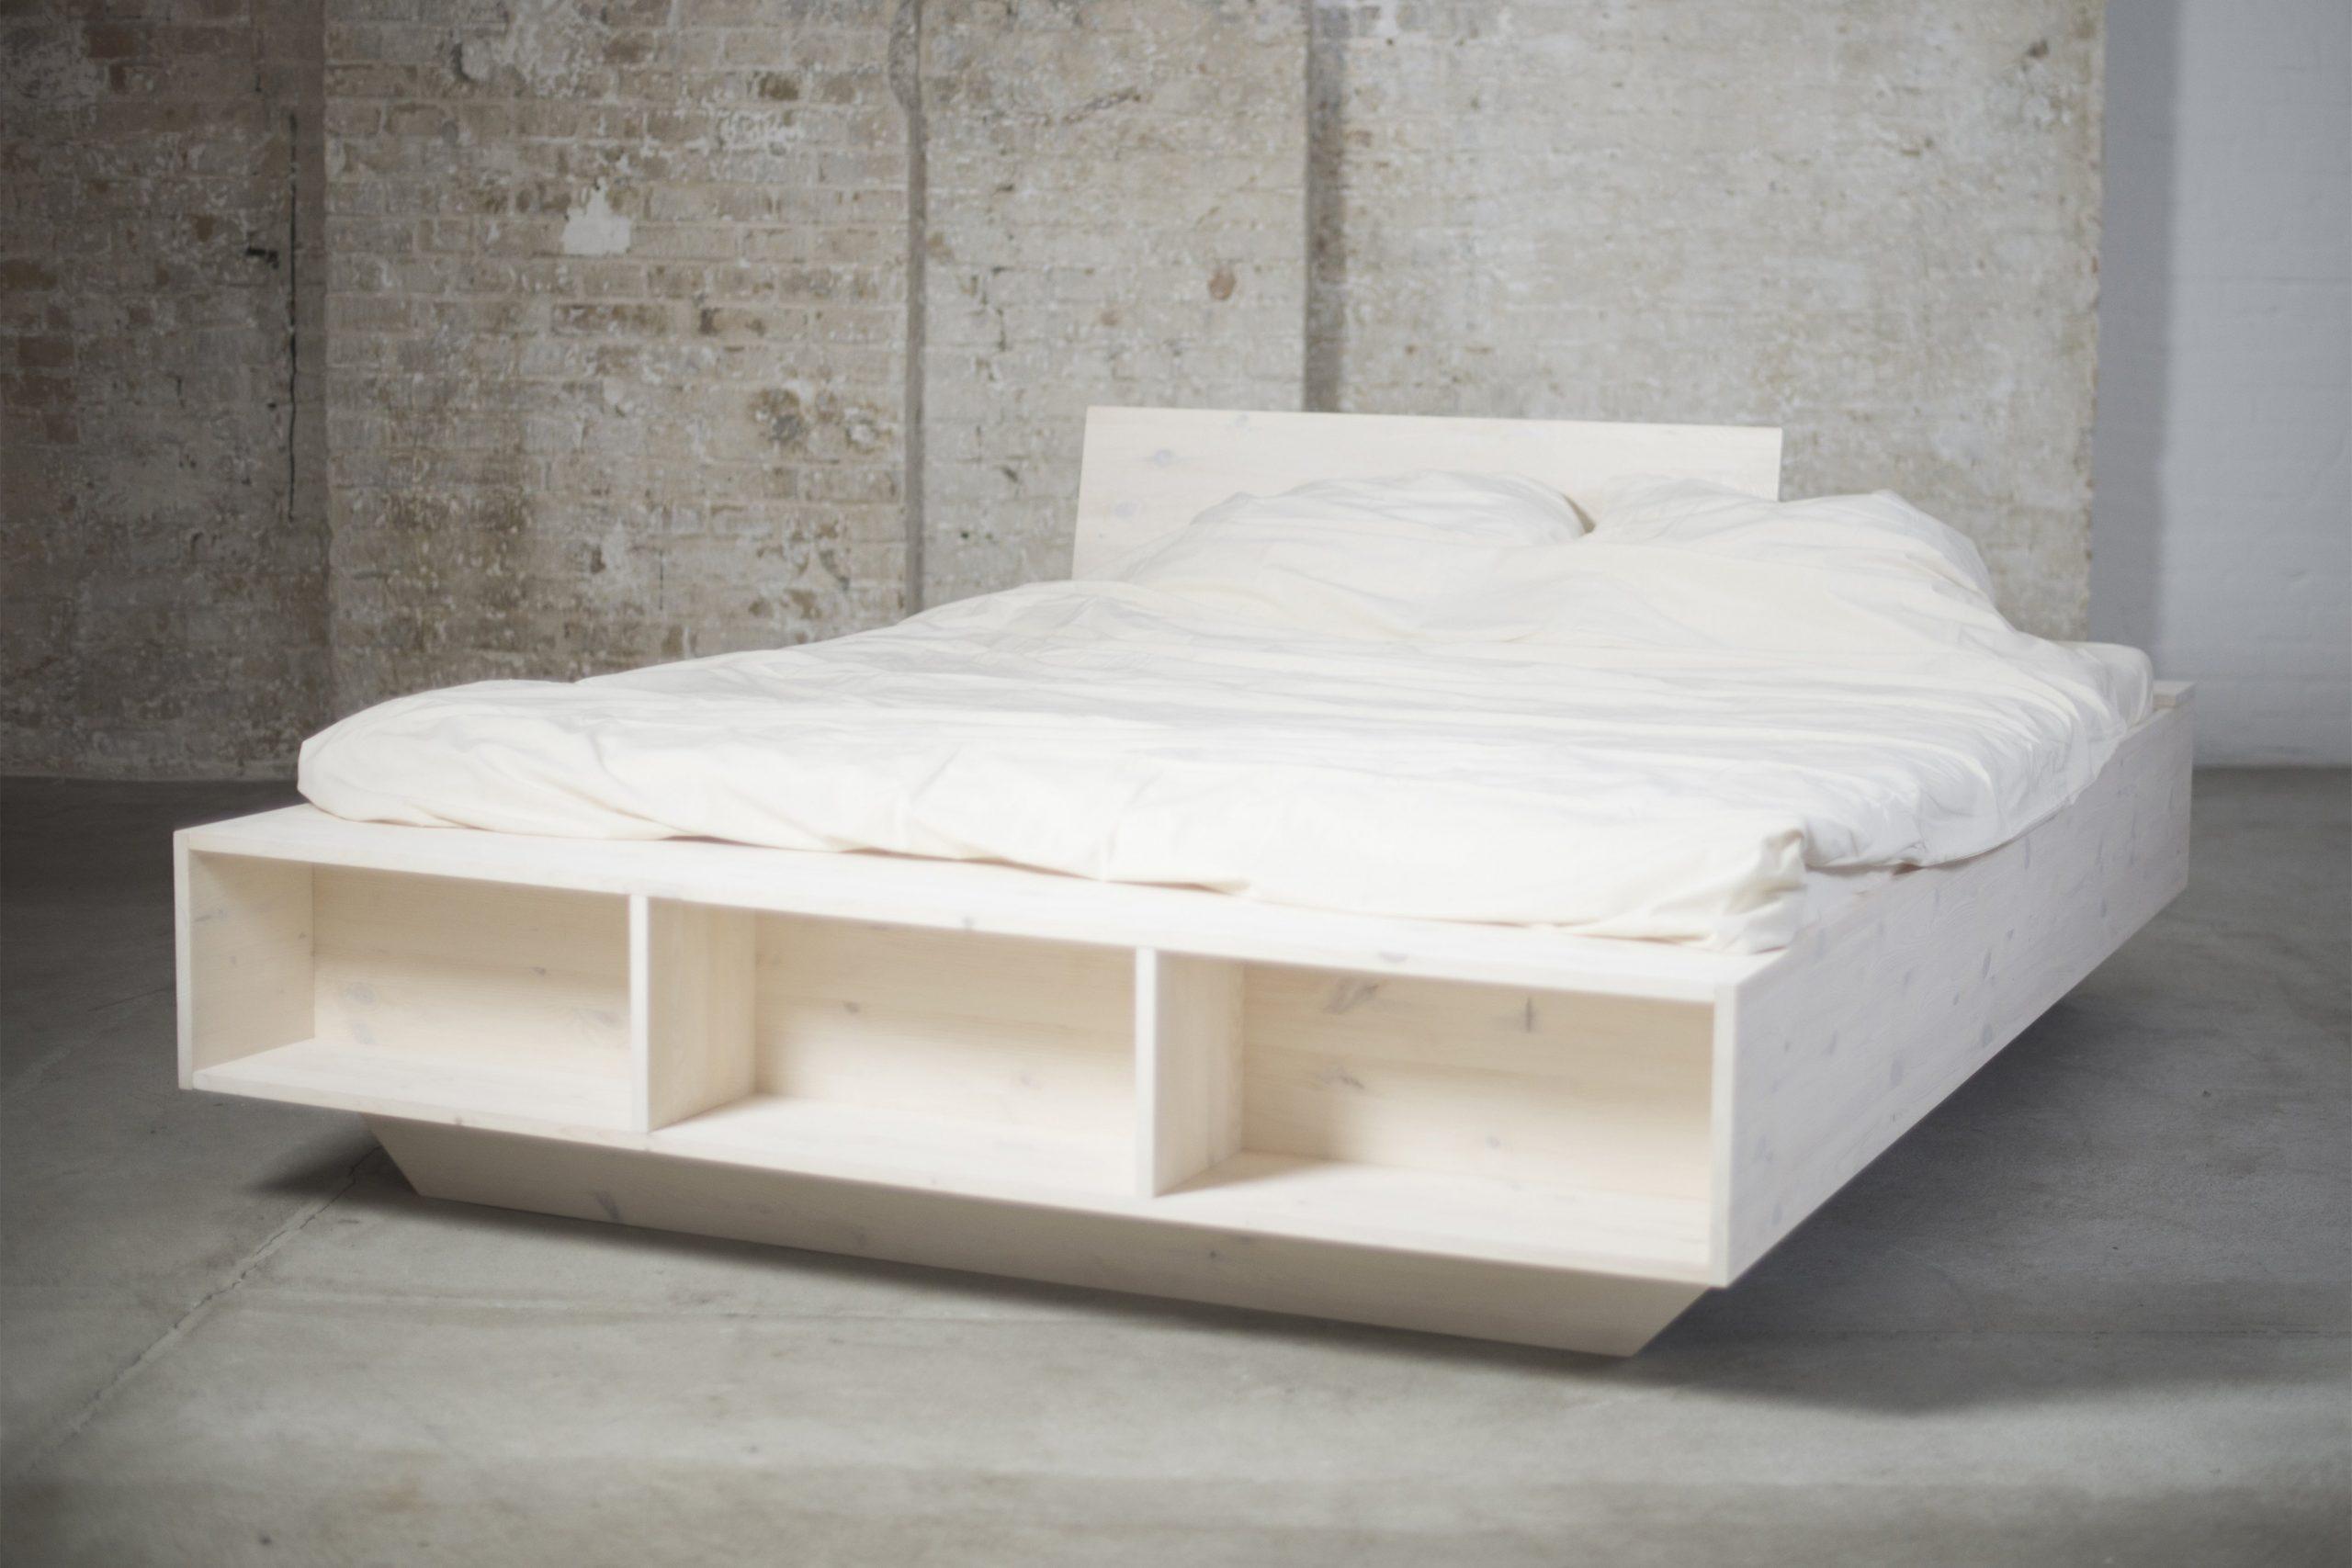 Full Size of Design Bett Aus Massivholz Mit Stil Und Stauraum Innocent Betten Günstige 180x200 Holz Hamburg 200x220 Billige 160x200 Günstig Kaufen Xxl Test Designer Bett Designer Betten